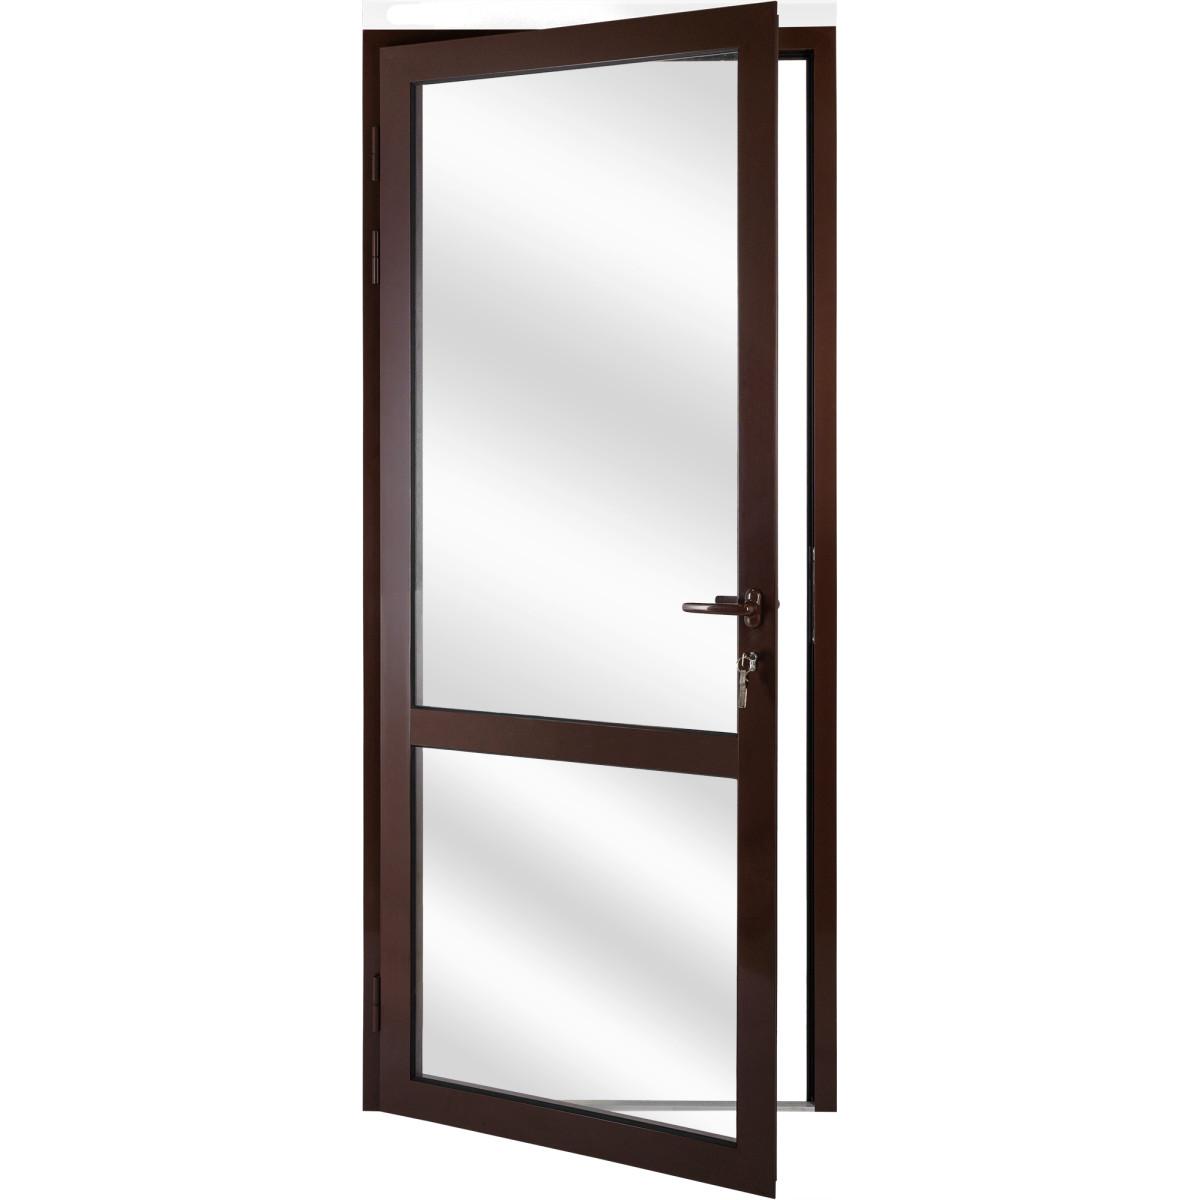 Алюминиевое ограждение балкона левое 210x90 см коричневый